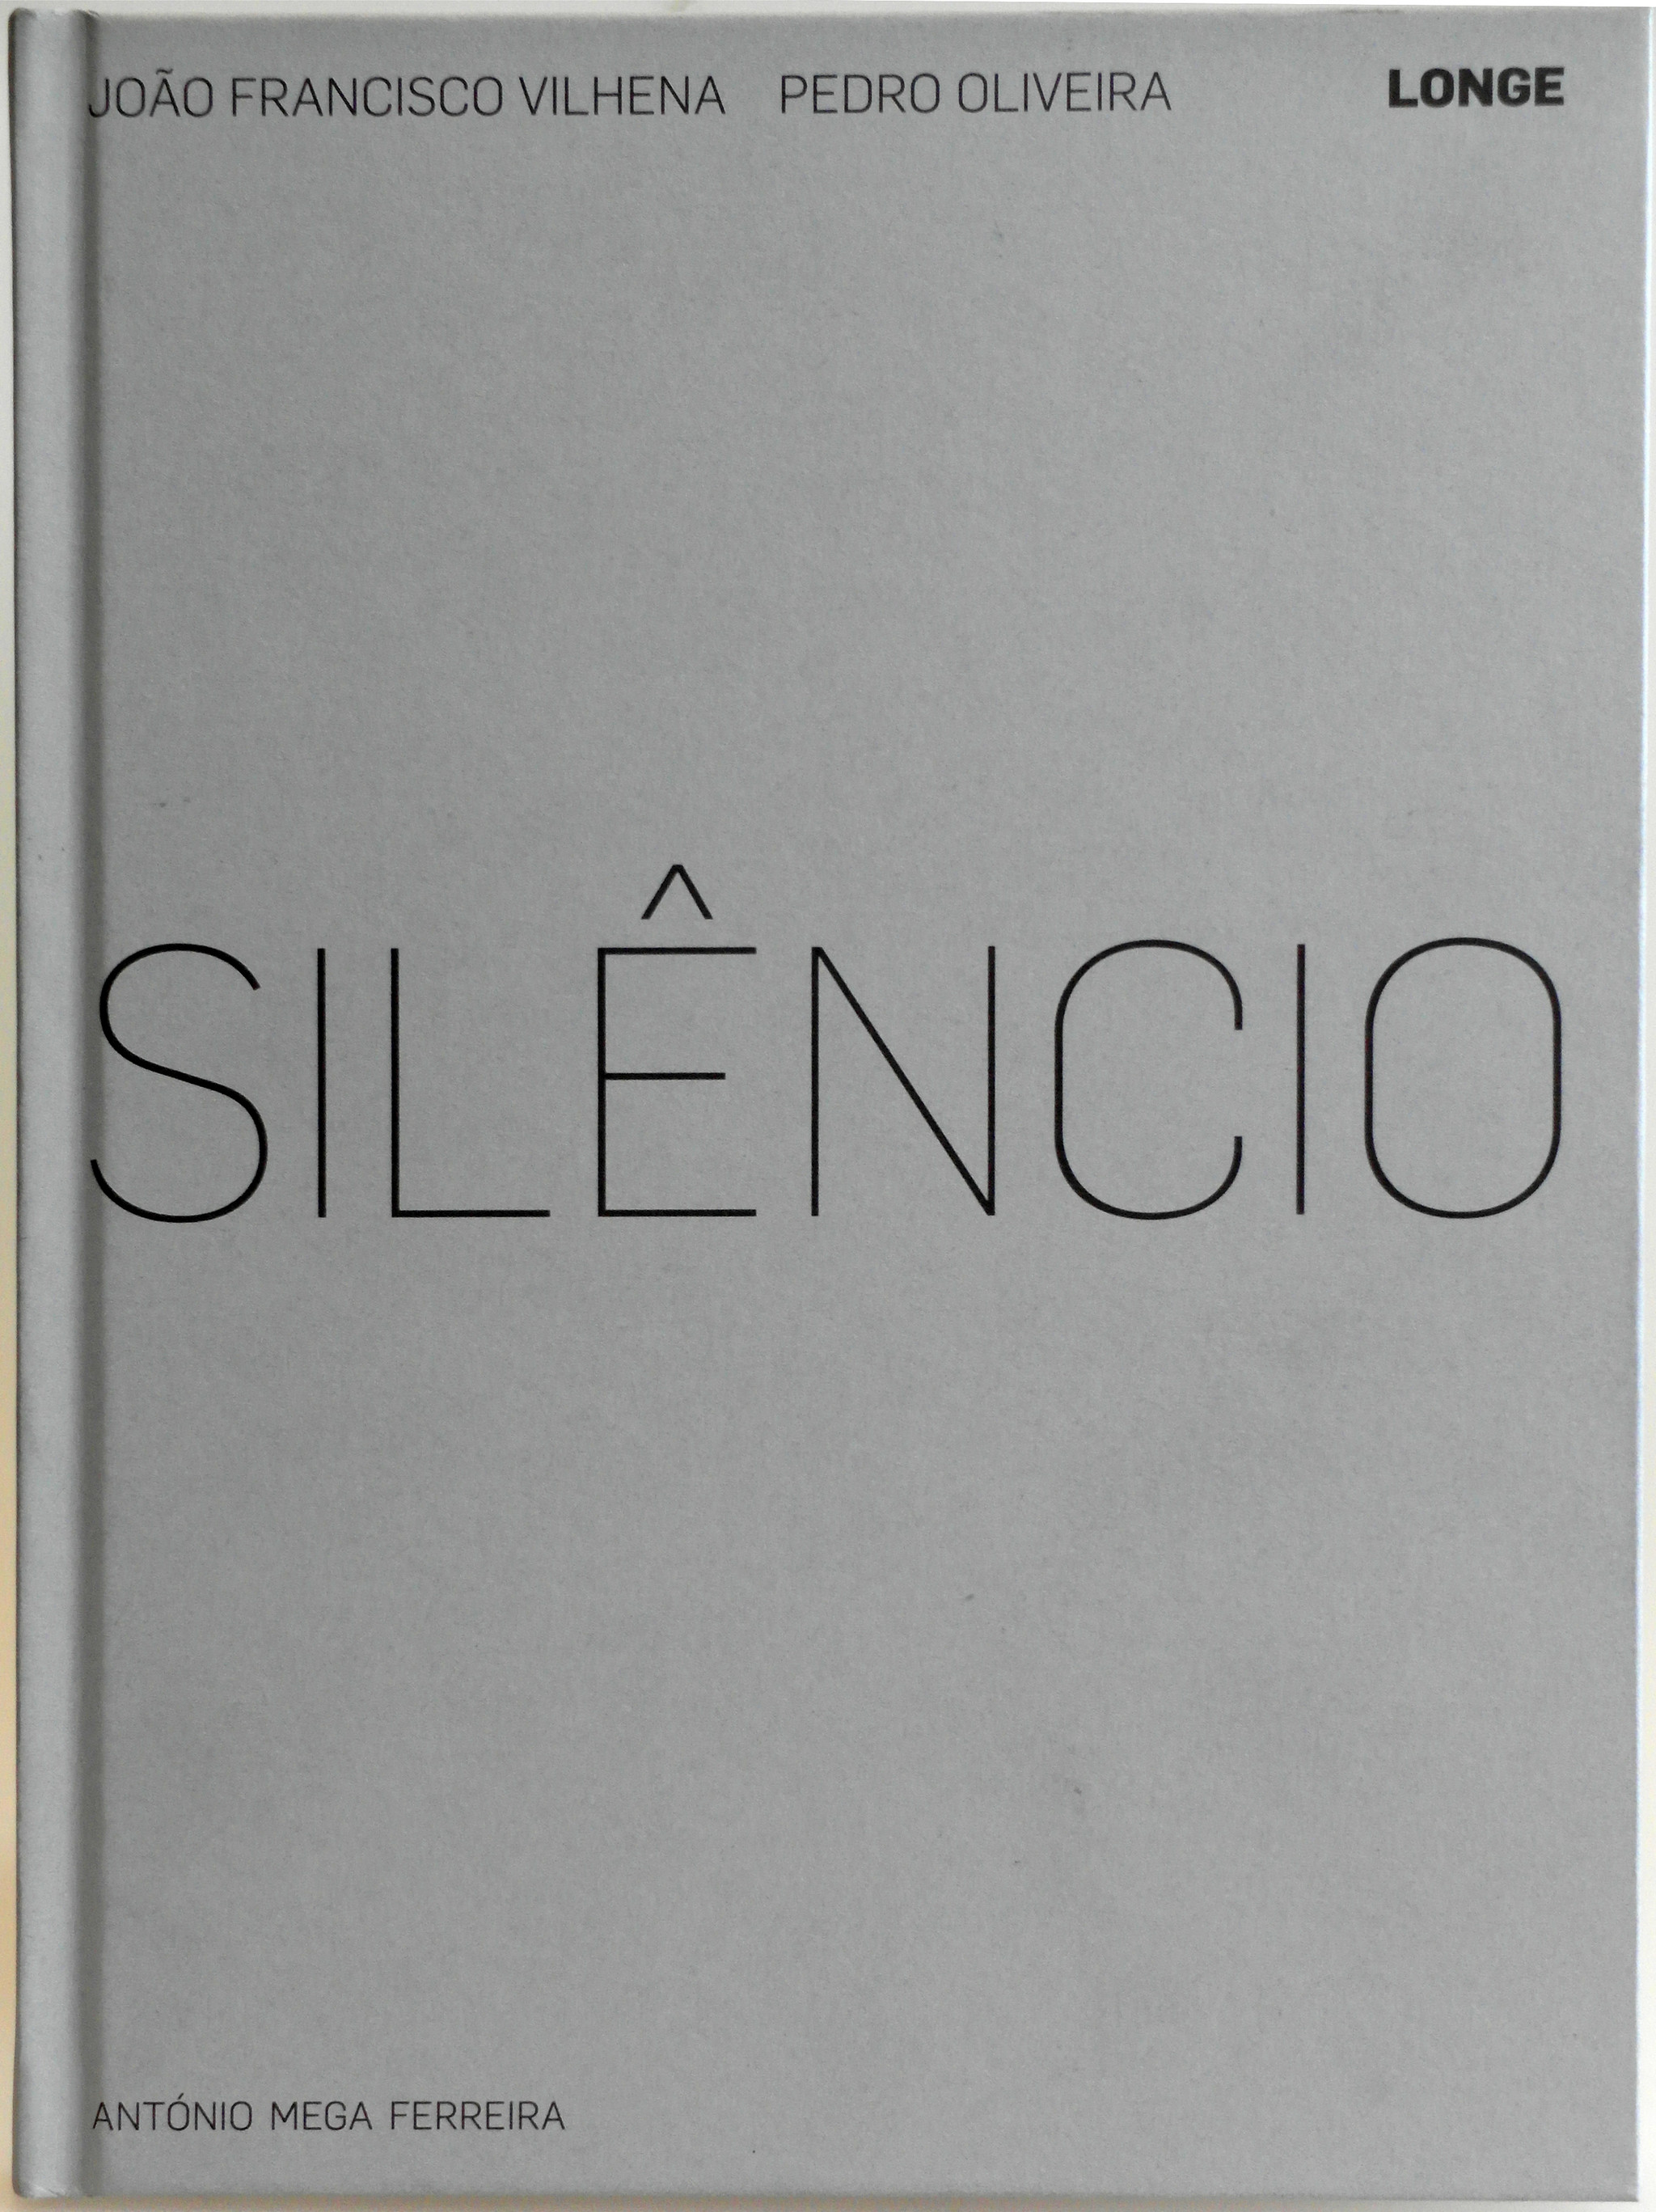 livro silencio de Joao Francisco Vilhena.JPG